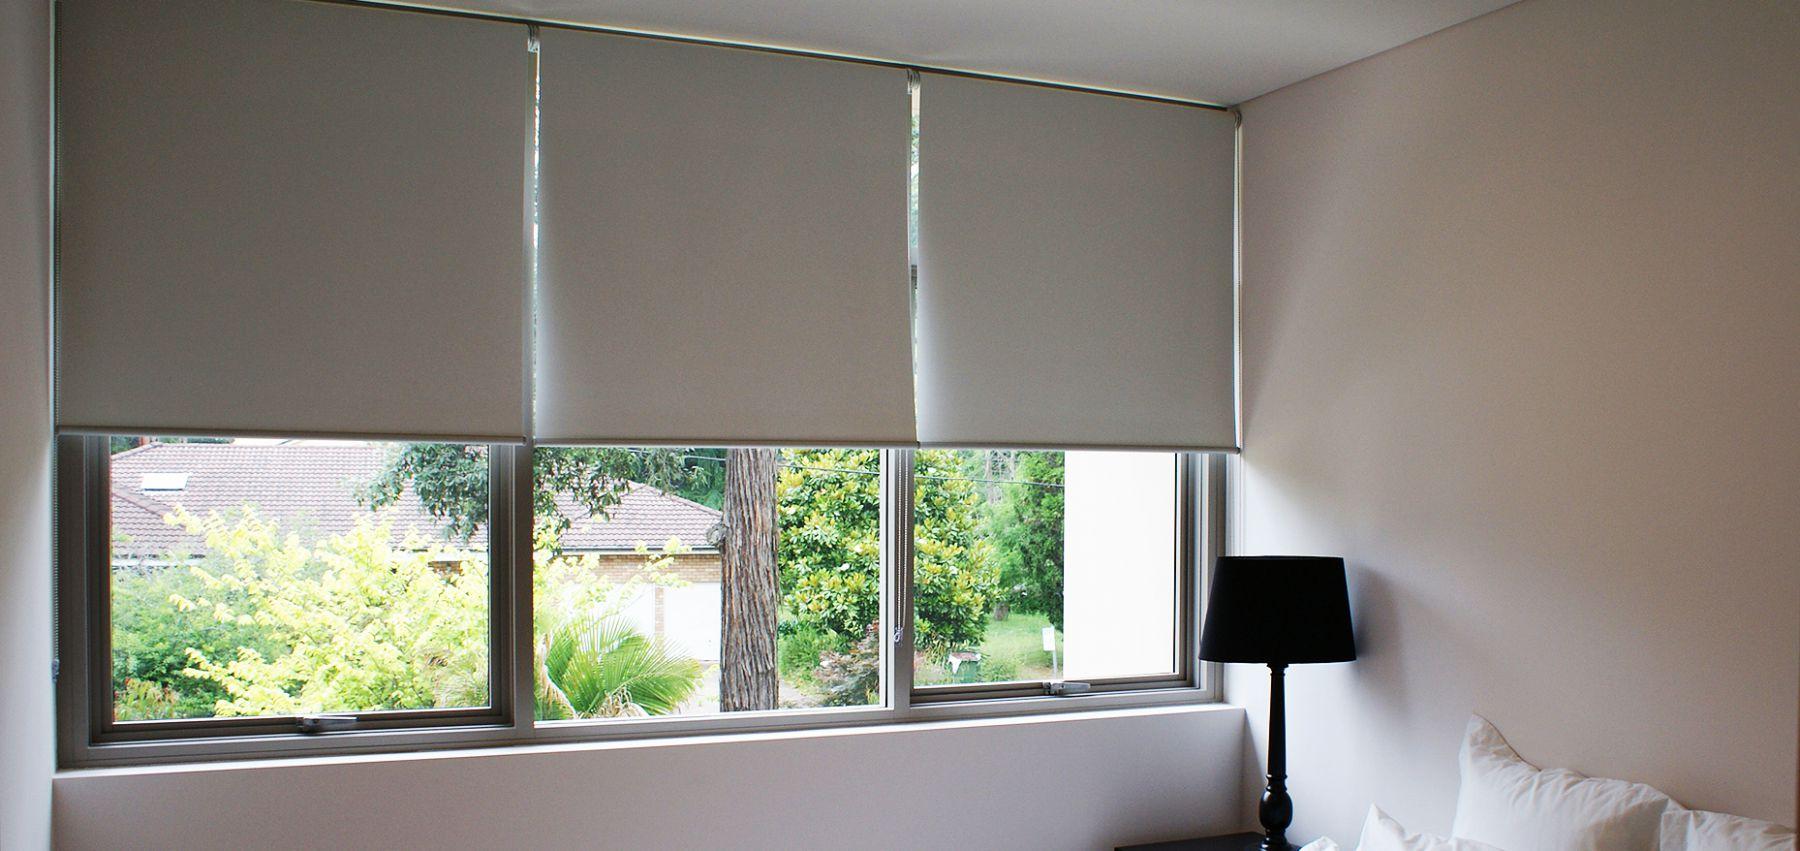 Roller Blinds Product : Кассетные рулонные шторы на окна — полный гид